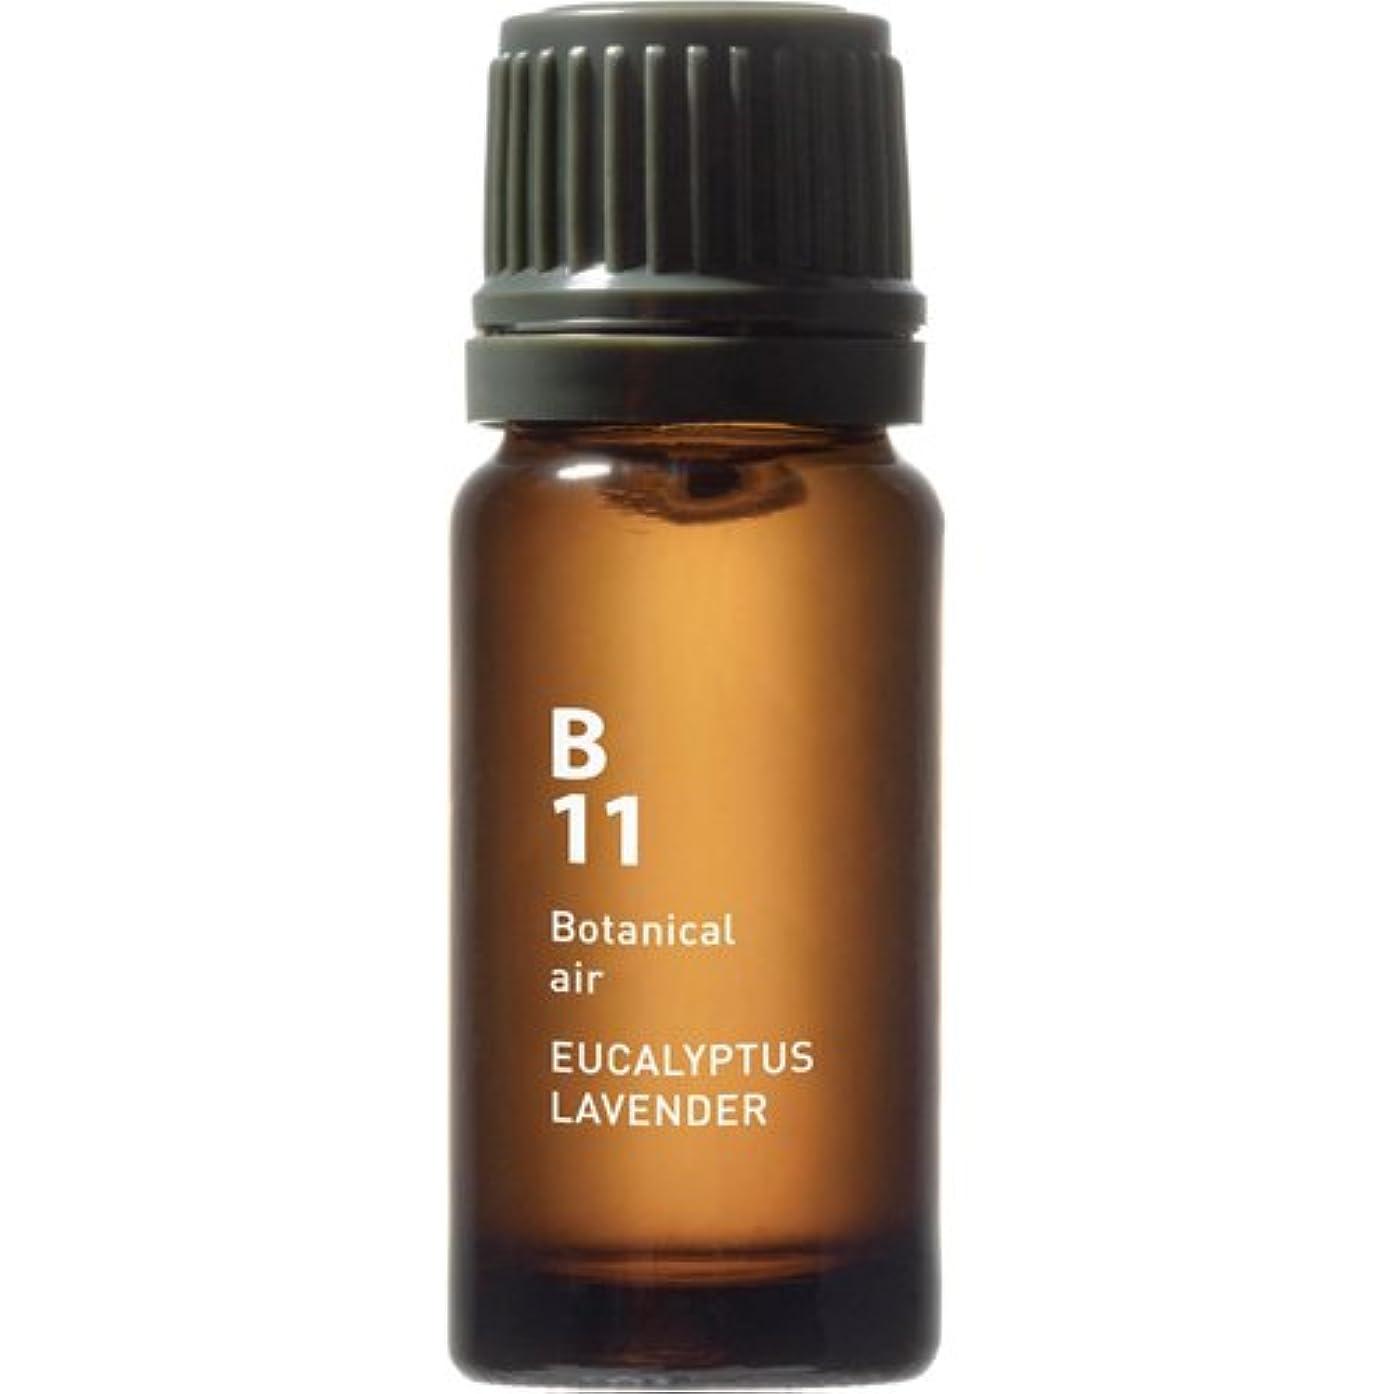 突然目に見える請負業者B11 ユーカリラベンダー Botanical air(ボタニカルエアー) 10ml